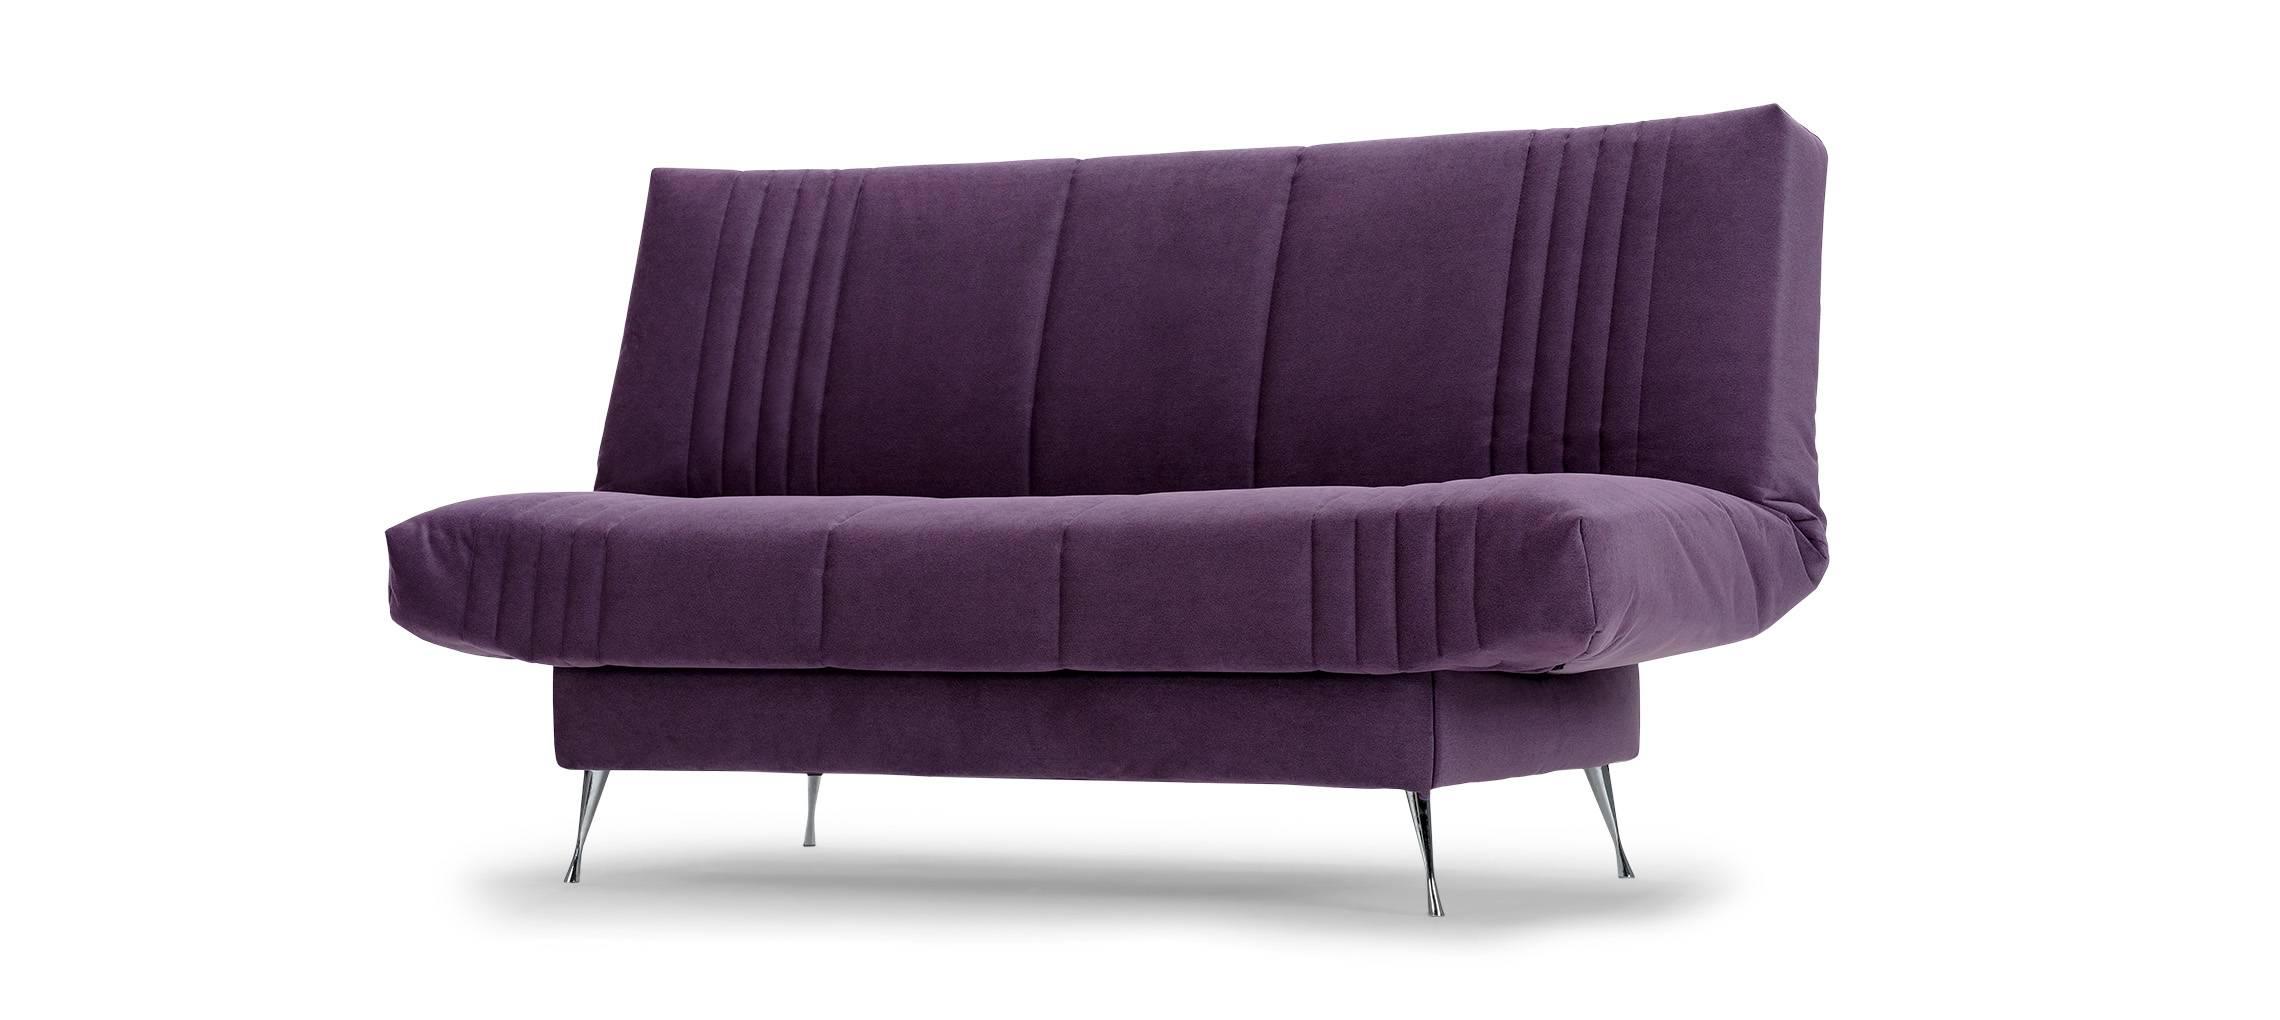 СИТИ Диван Galaxy фиолетовый